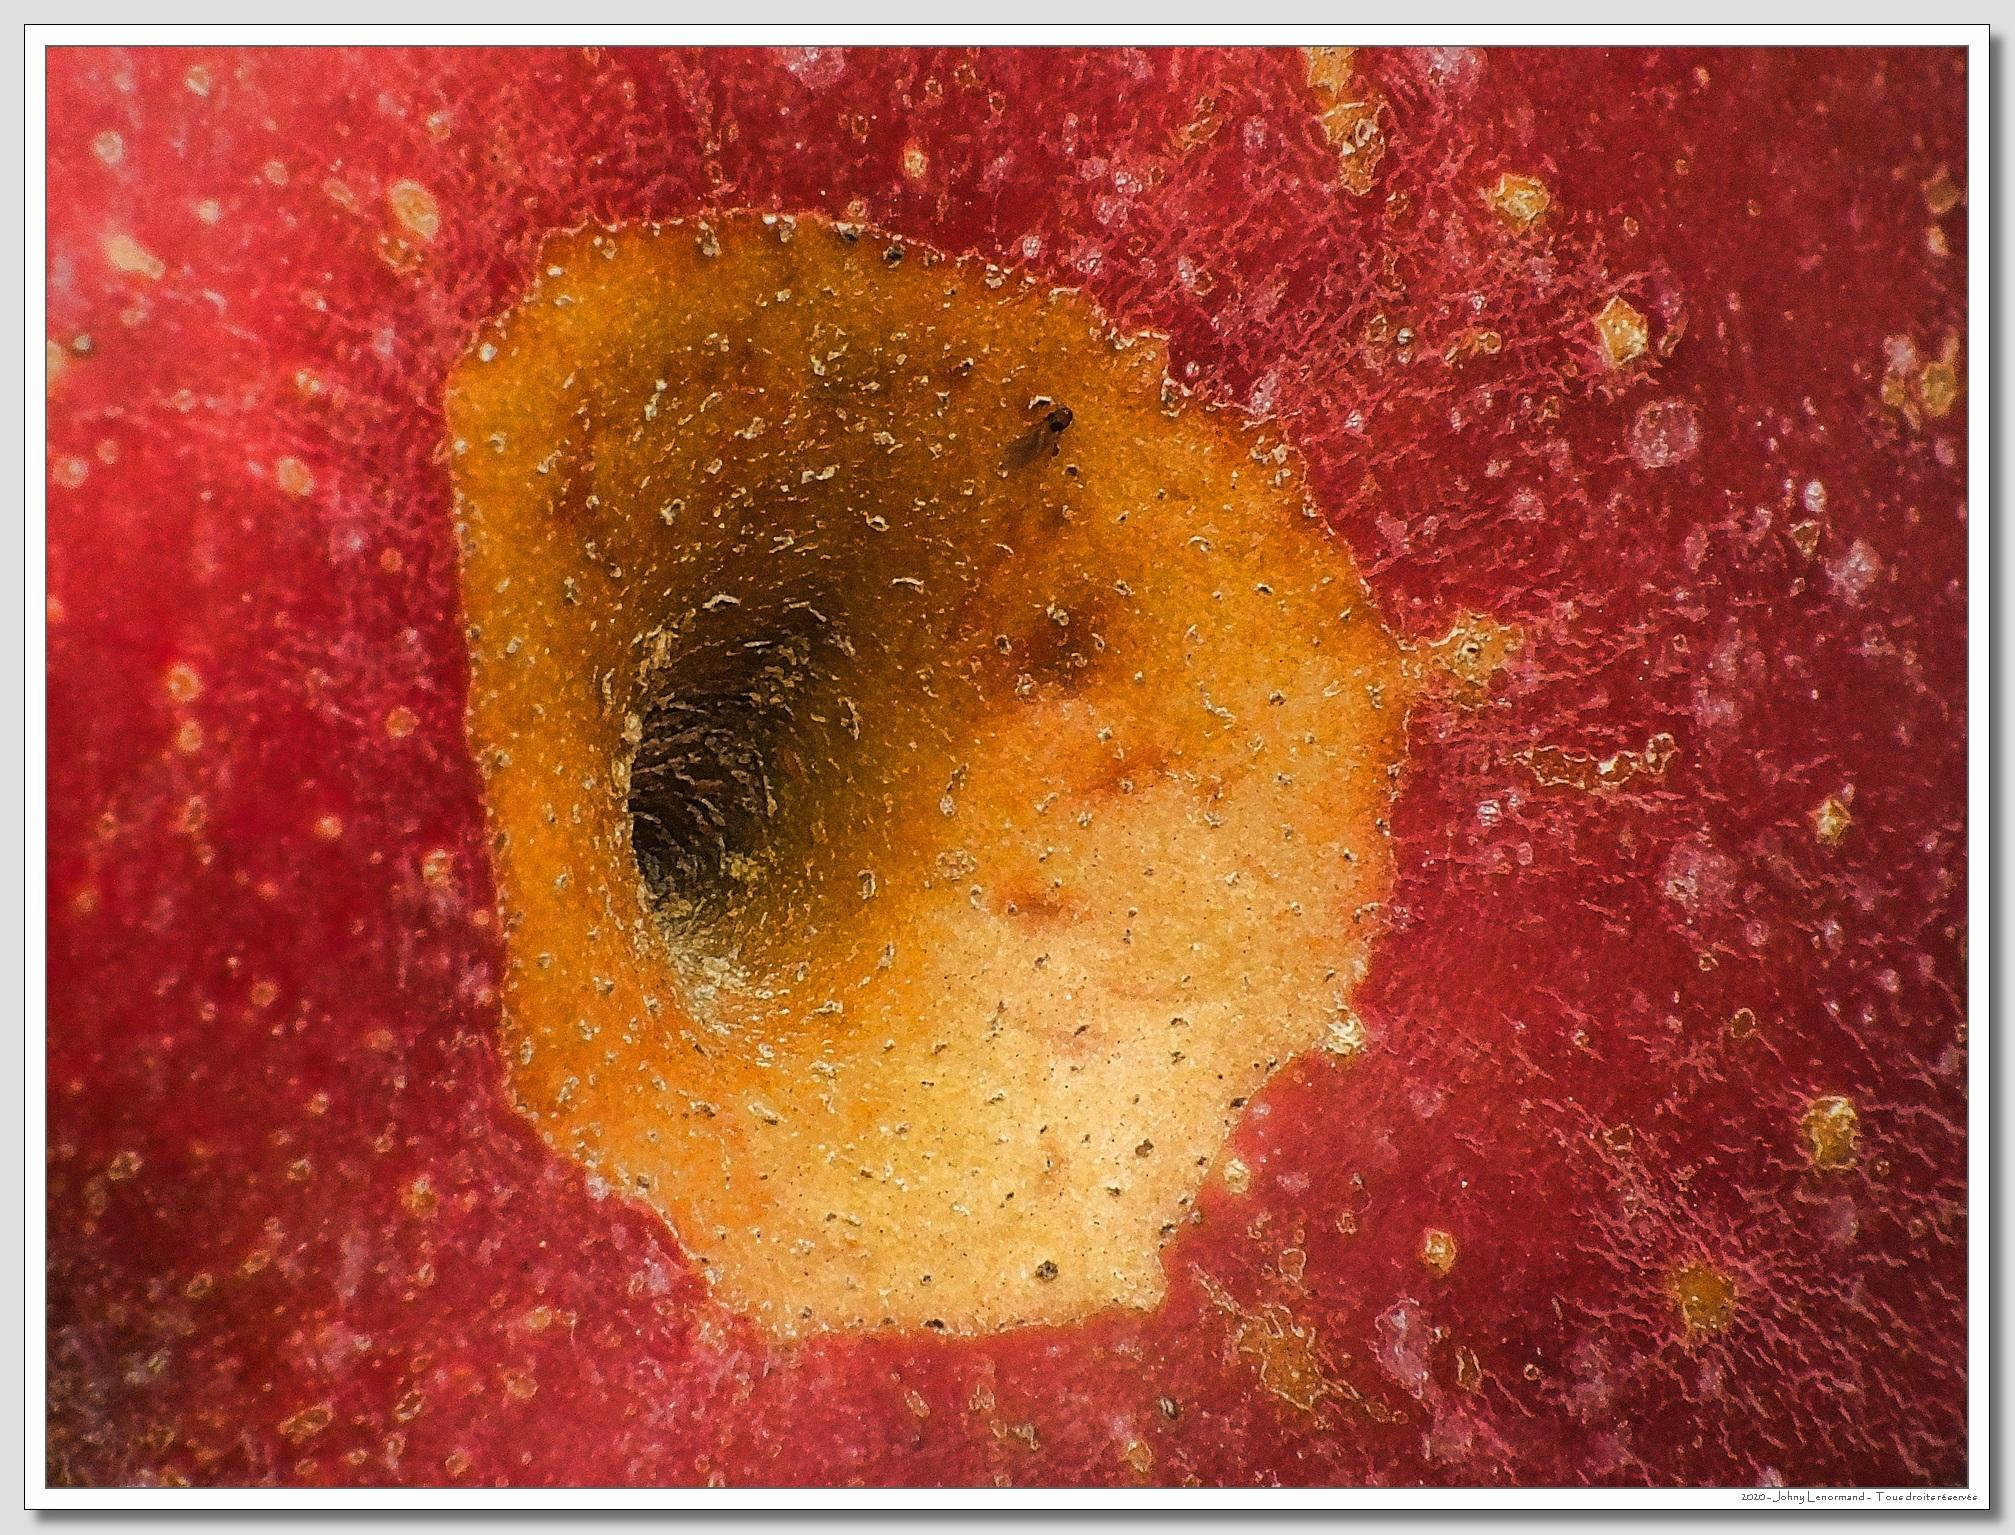 Peau de pomme